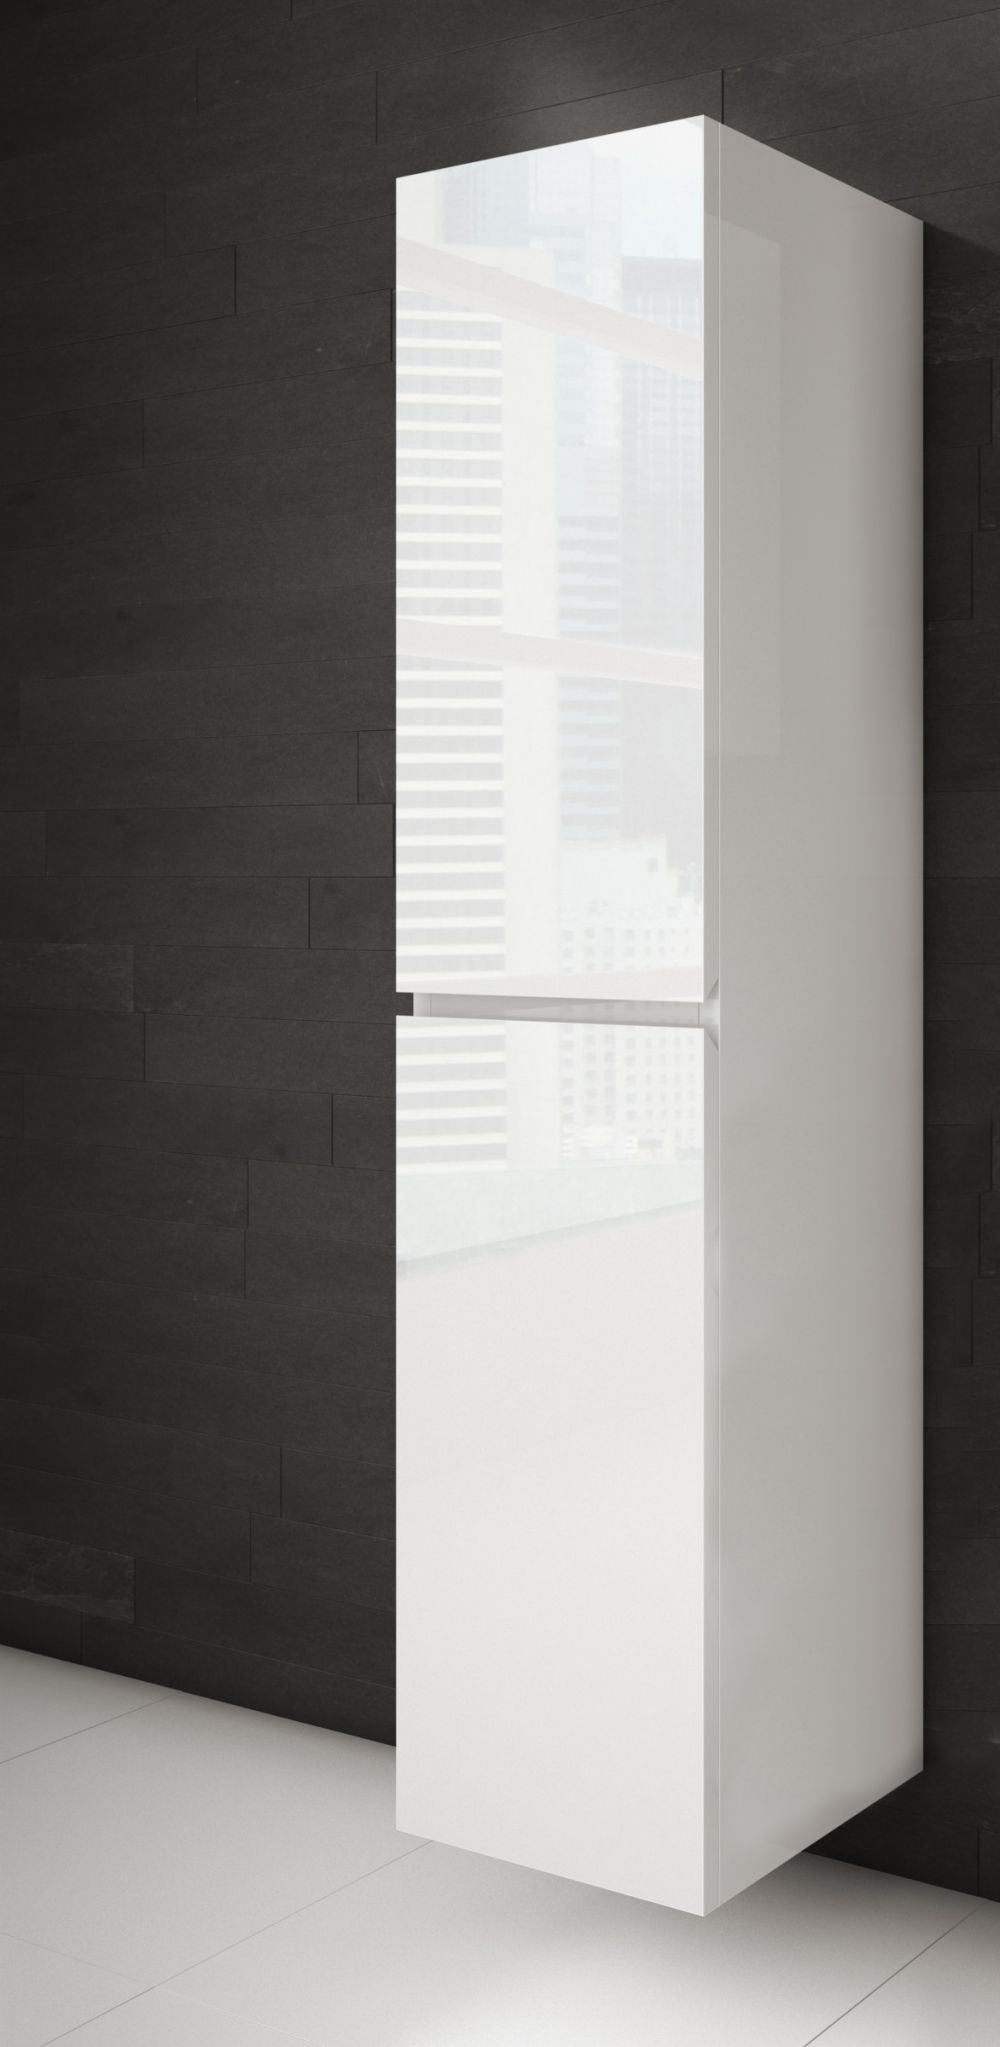 Lingerie salle de bain blanche aqua mobilia disponible chez montr al les bains aqua - Lingerie salle de bain ...